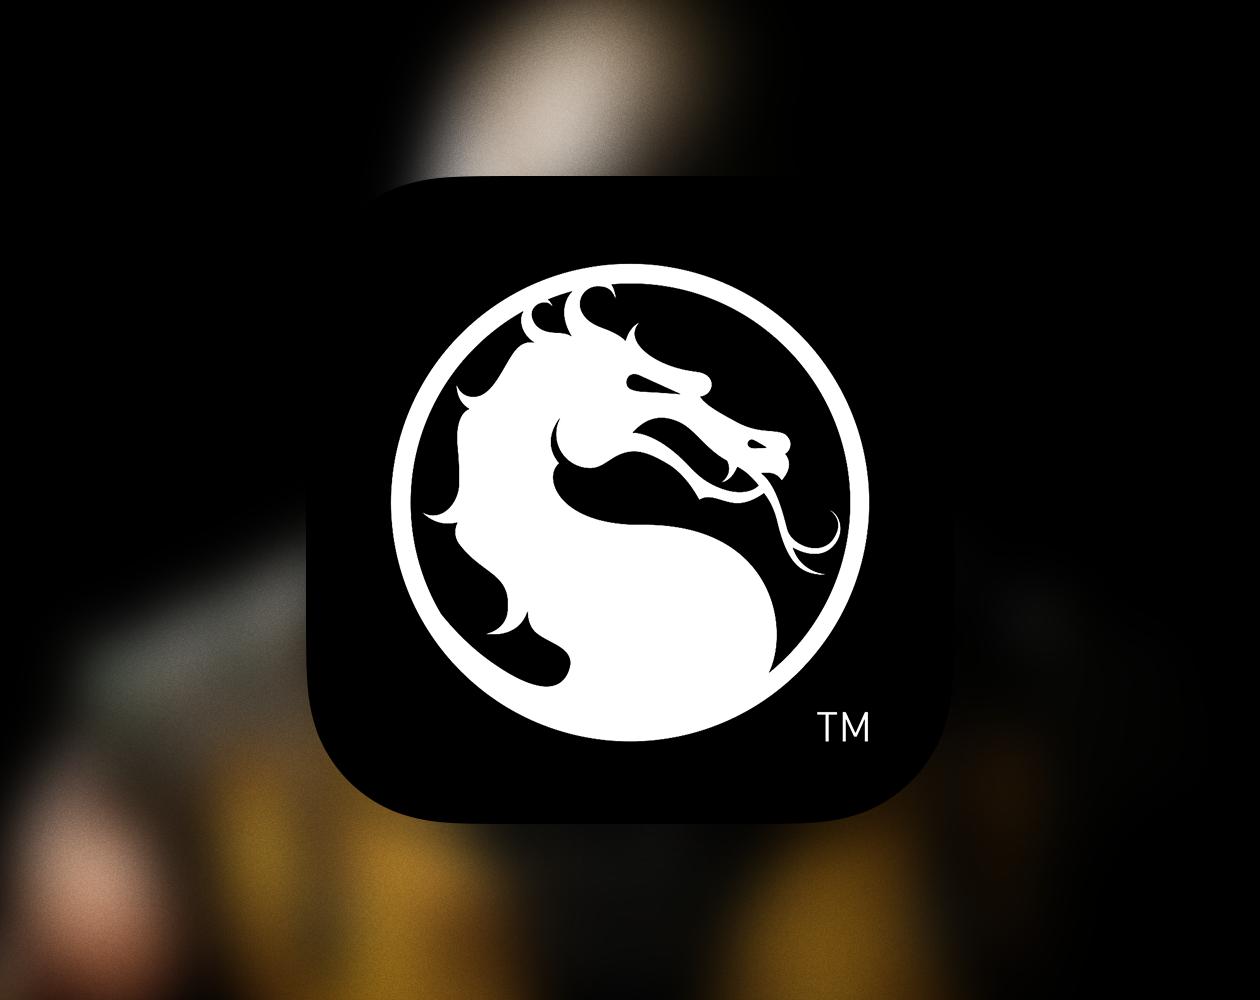 ОБЗОР: Mortal Kombat X для iOS — куда катятся мобильные игры